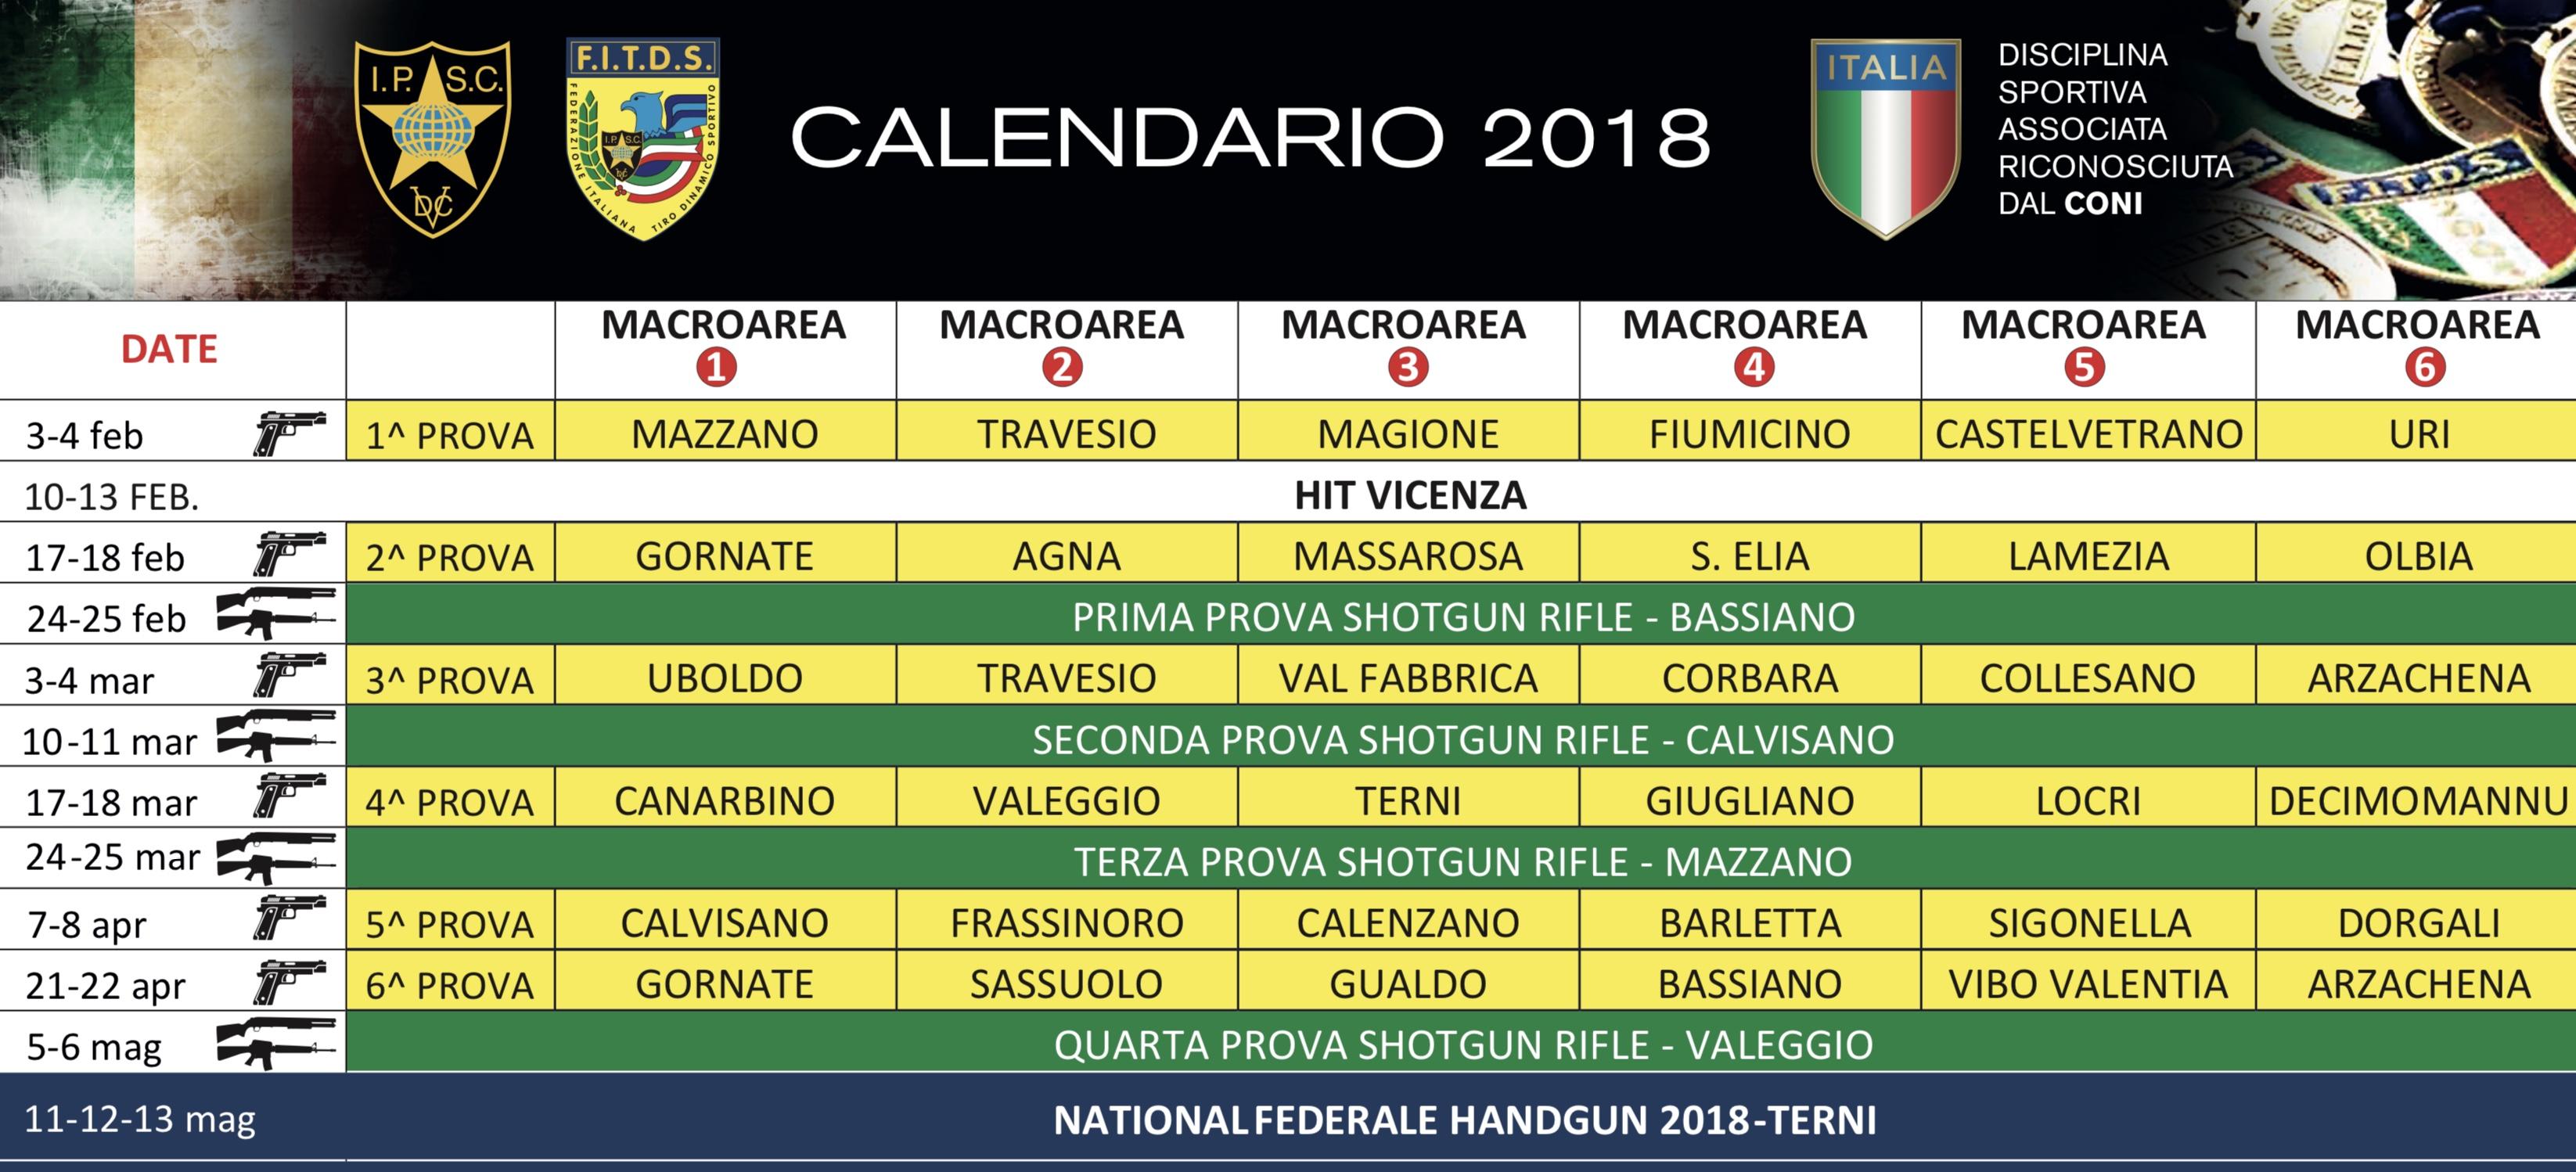 Calendario Nazionali.Calndario Gare Nazionali 2018 F I T D S